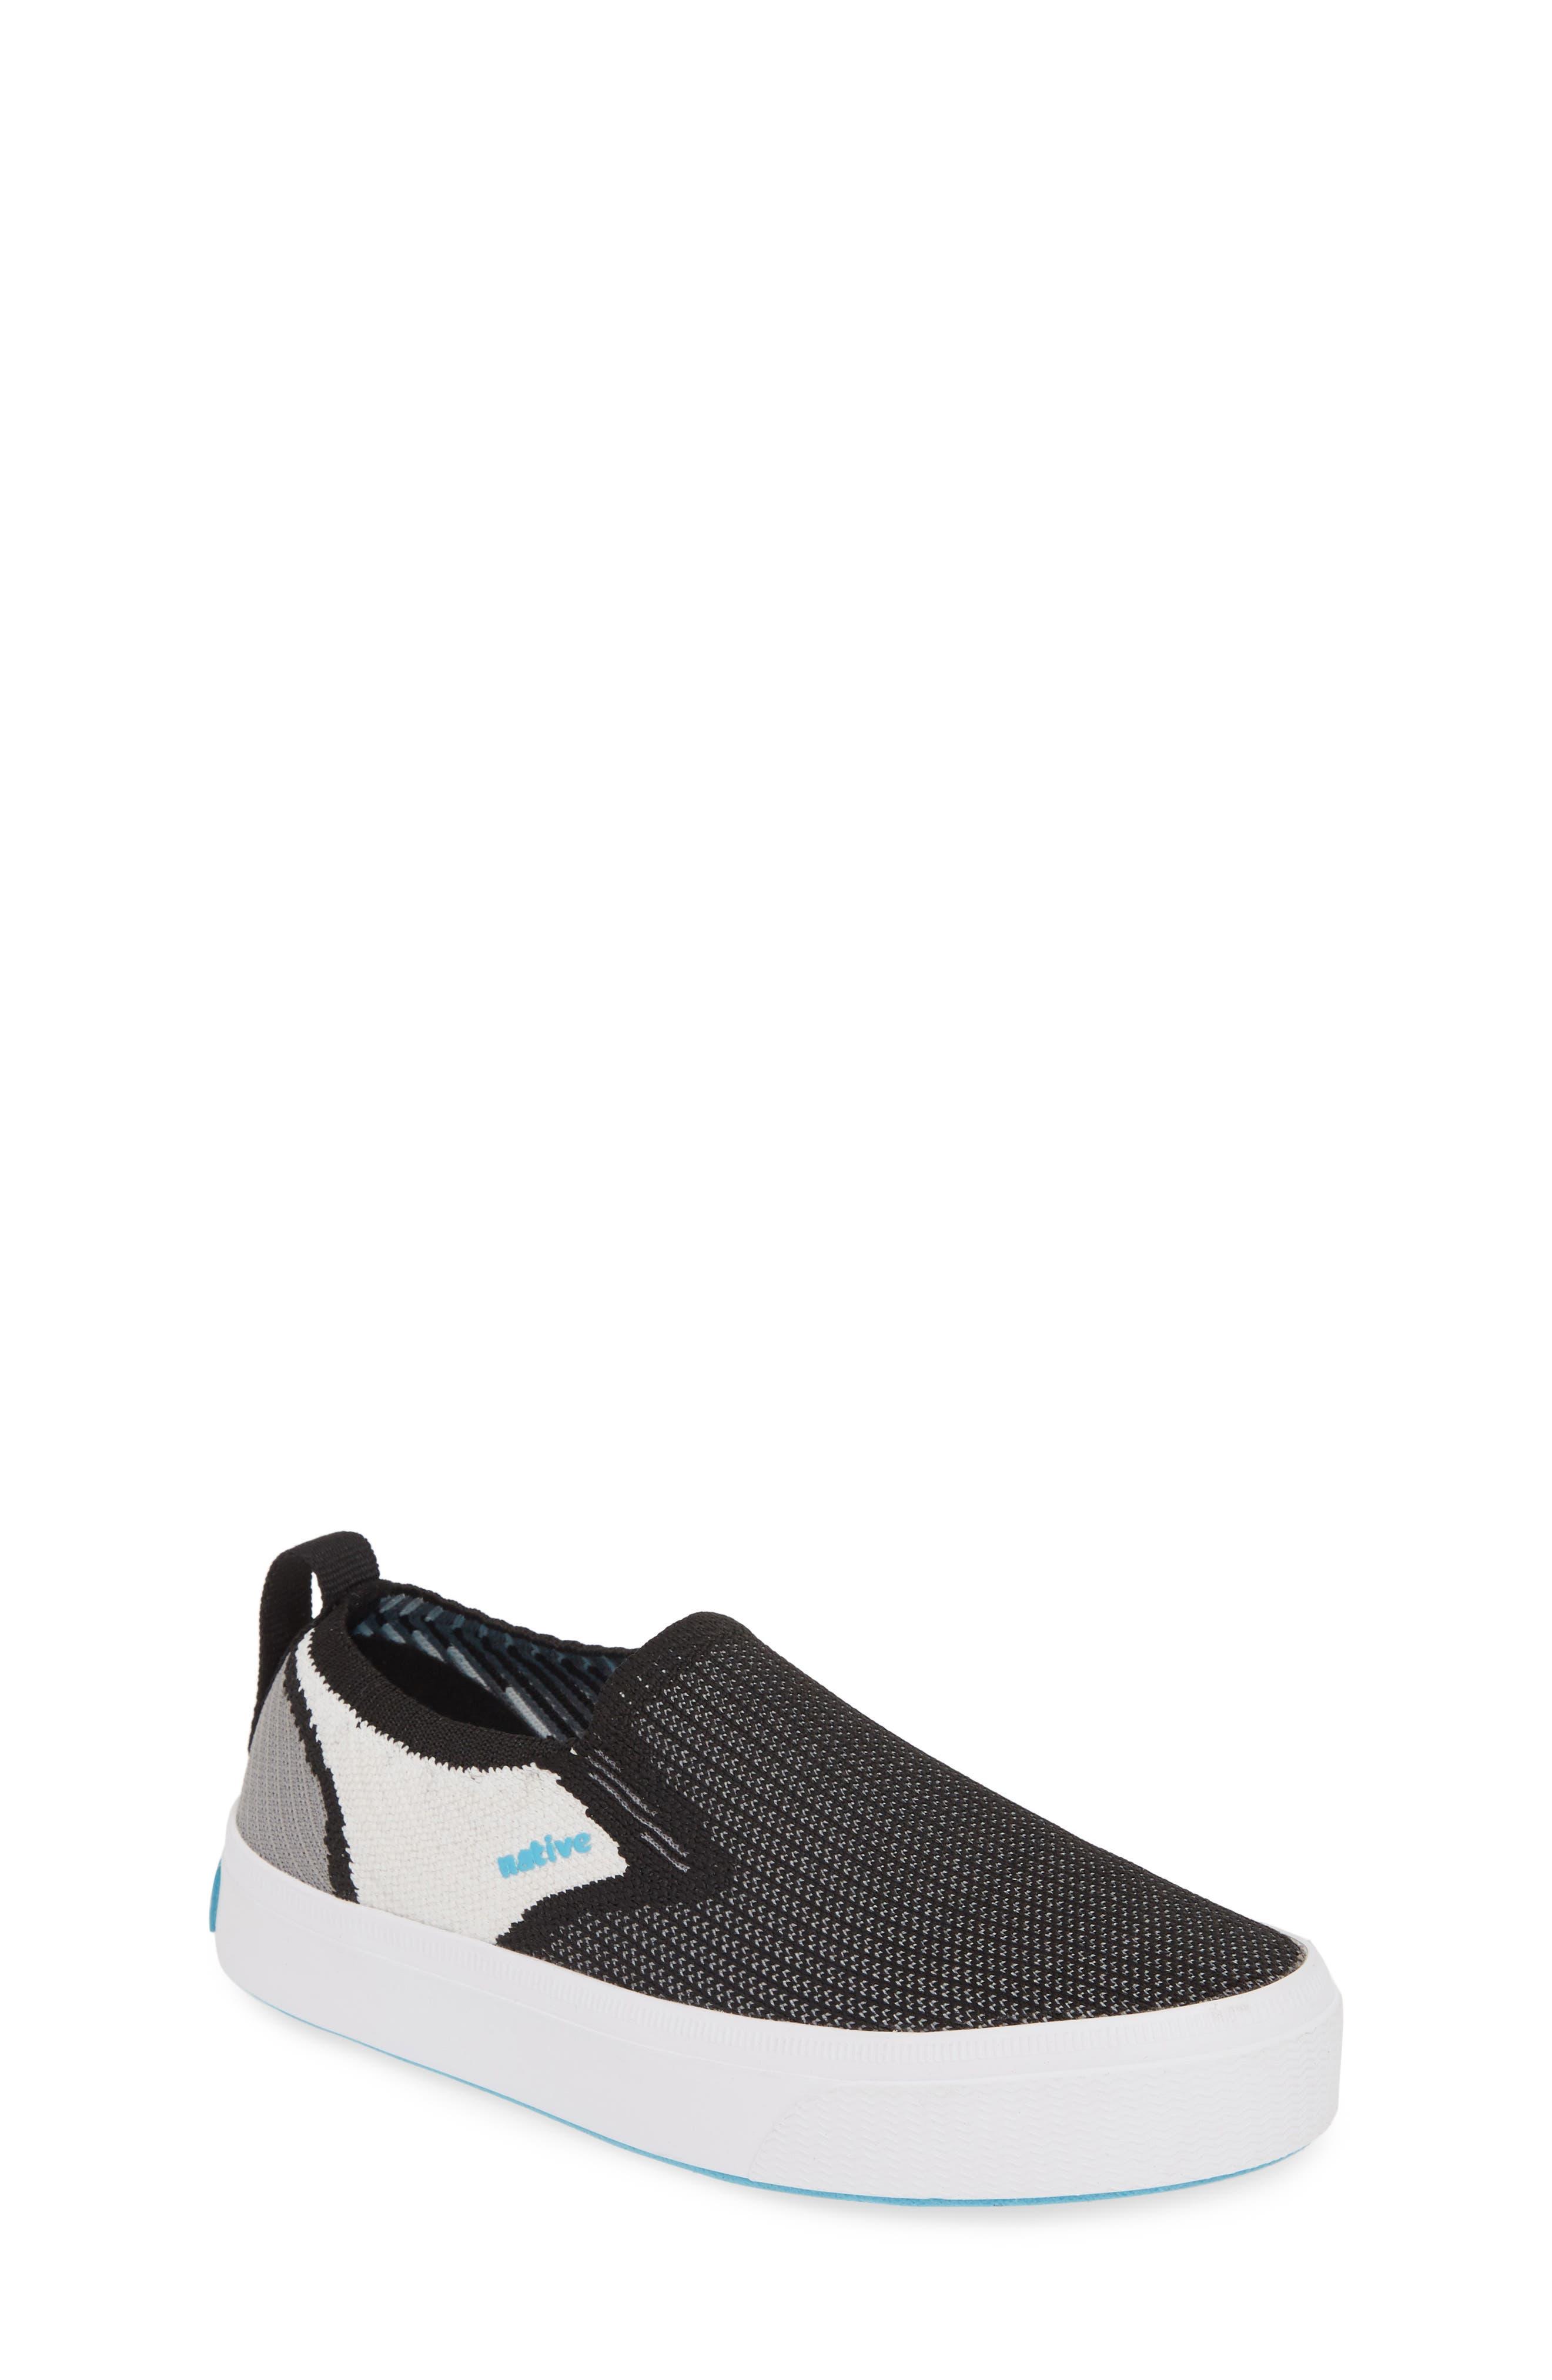 Native Miles 2.0 Liteknit Slip-On Sneaker